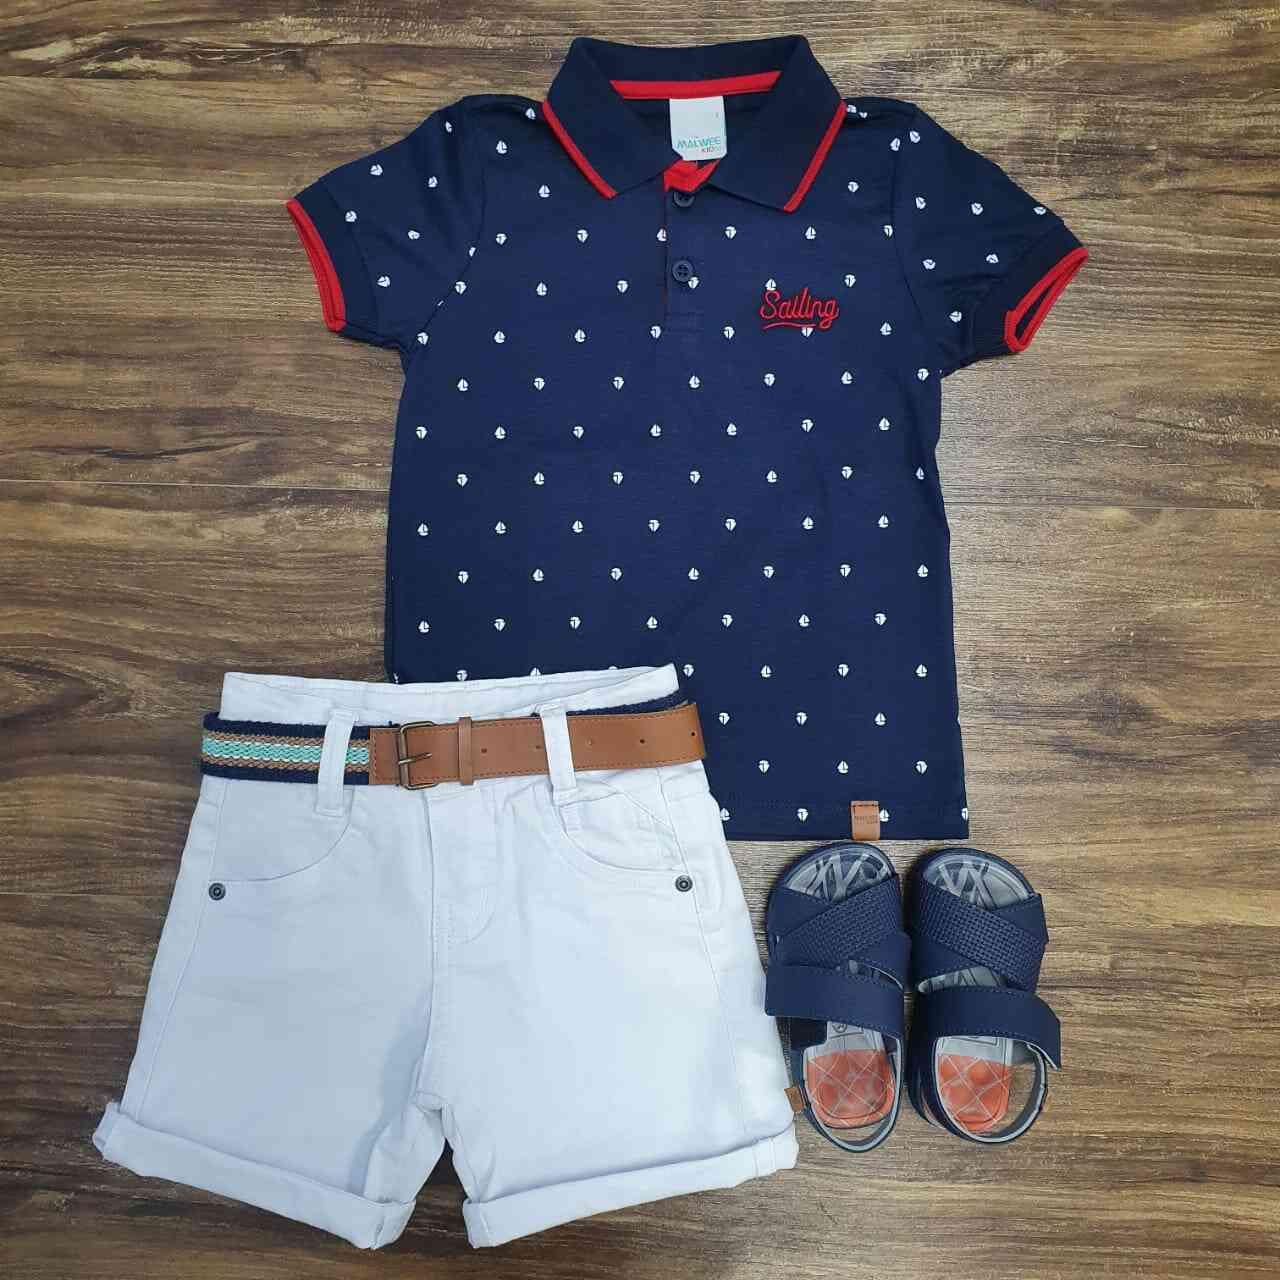 Camisa Polo Sailing com Bermuda Infantil